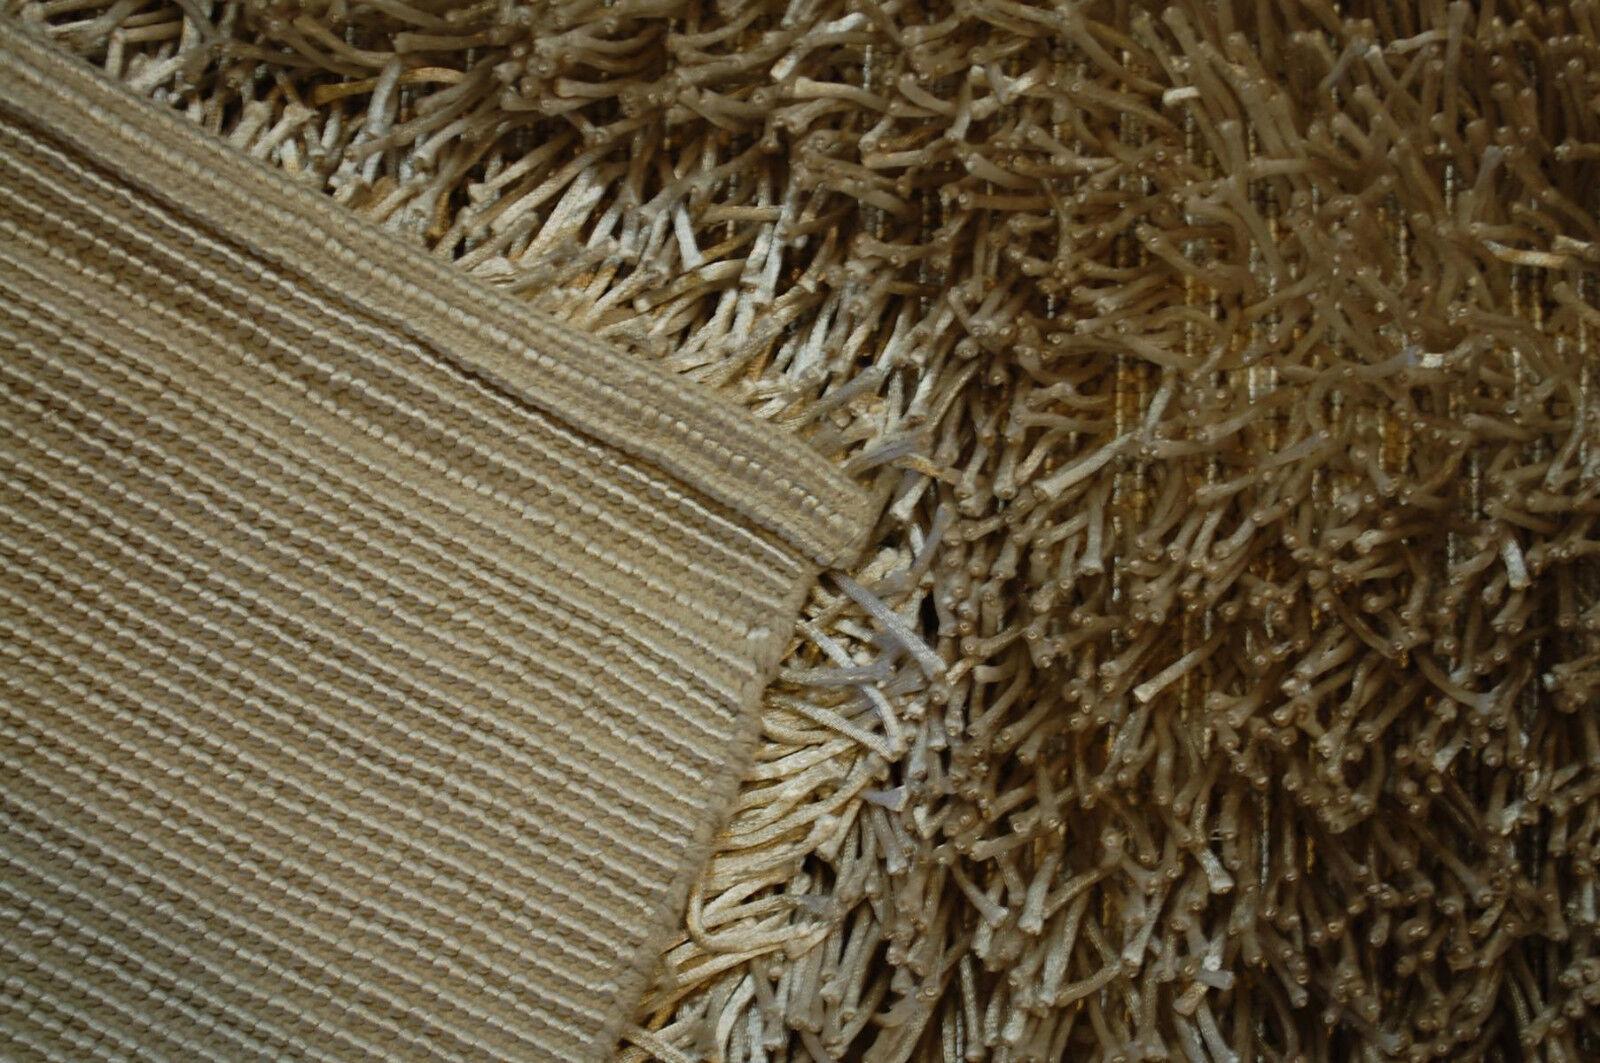 Badteppich Badteppich Badteppich Aquanova Kemen 14 Sand 60x60cm Langflor Beige d786d2